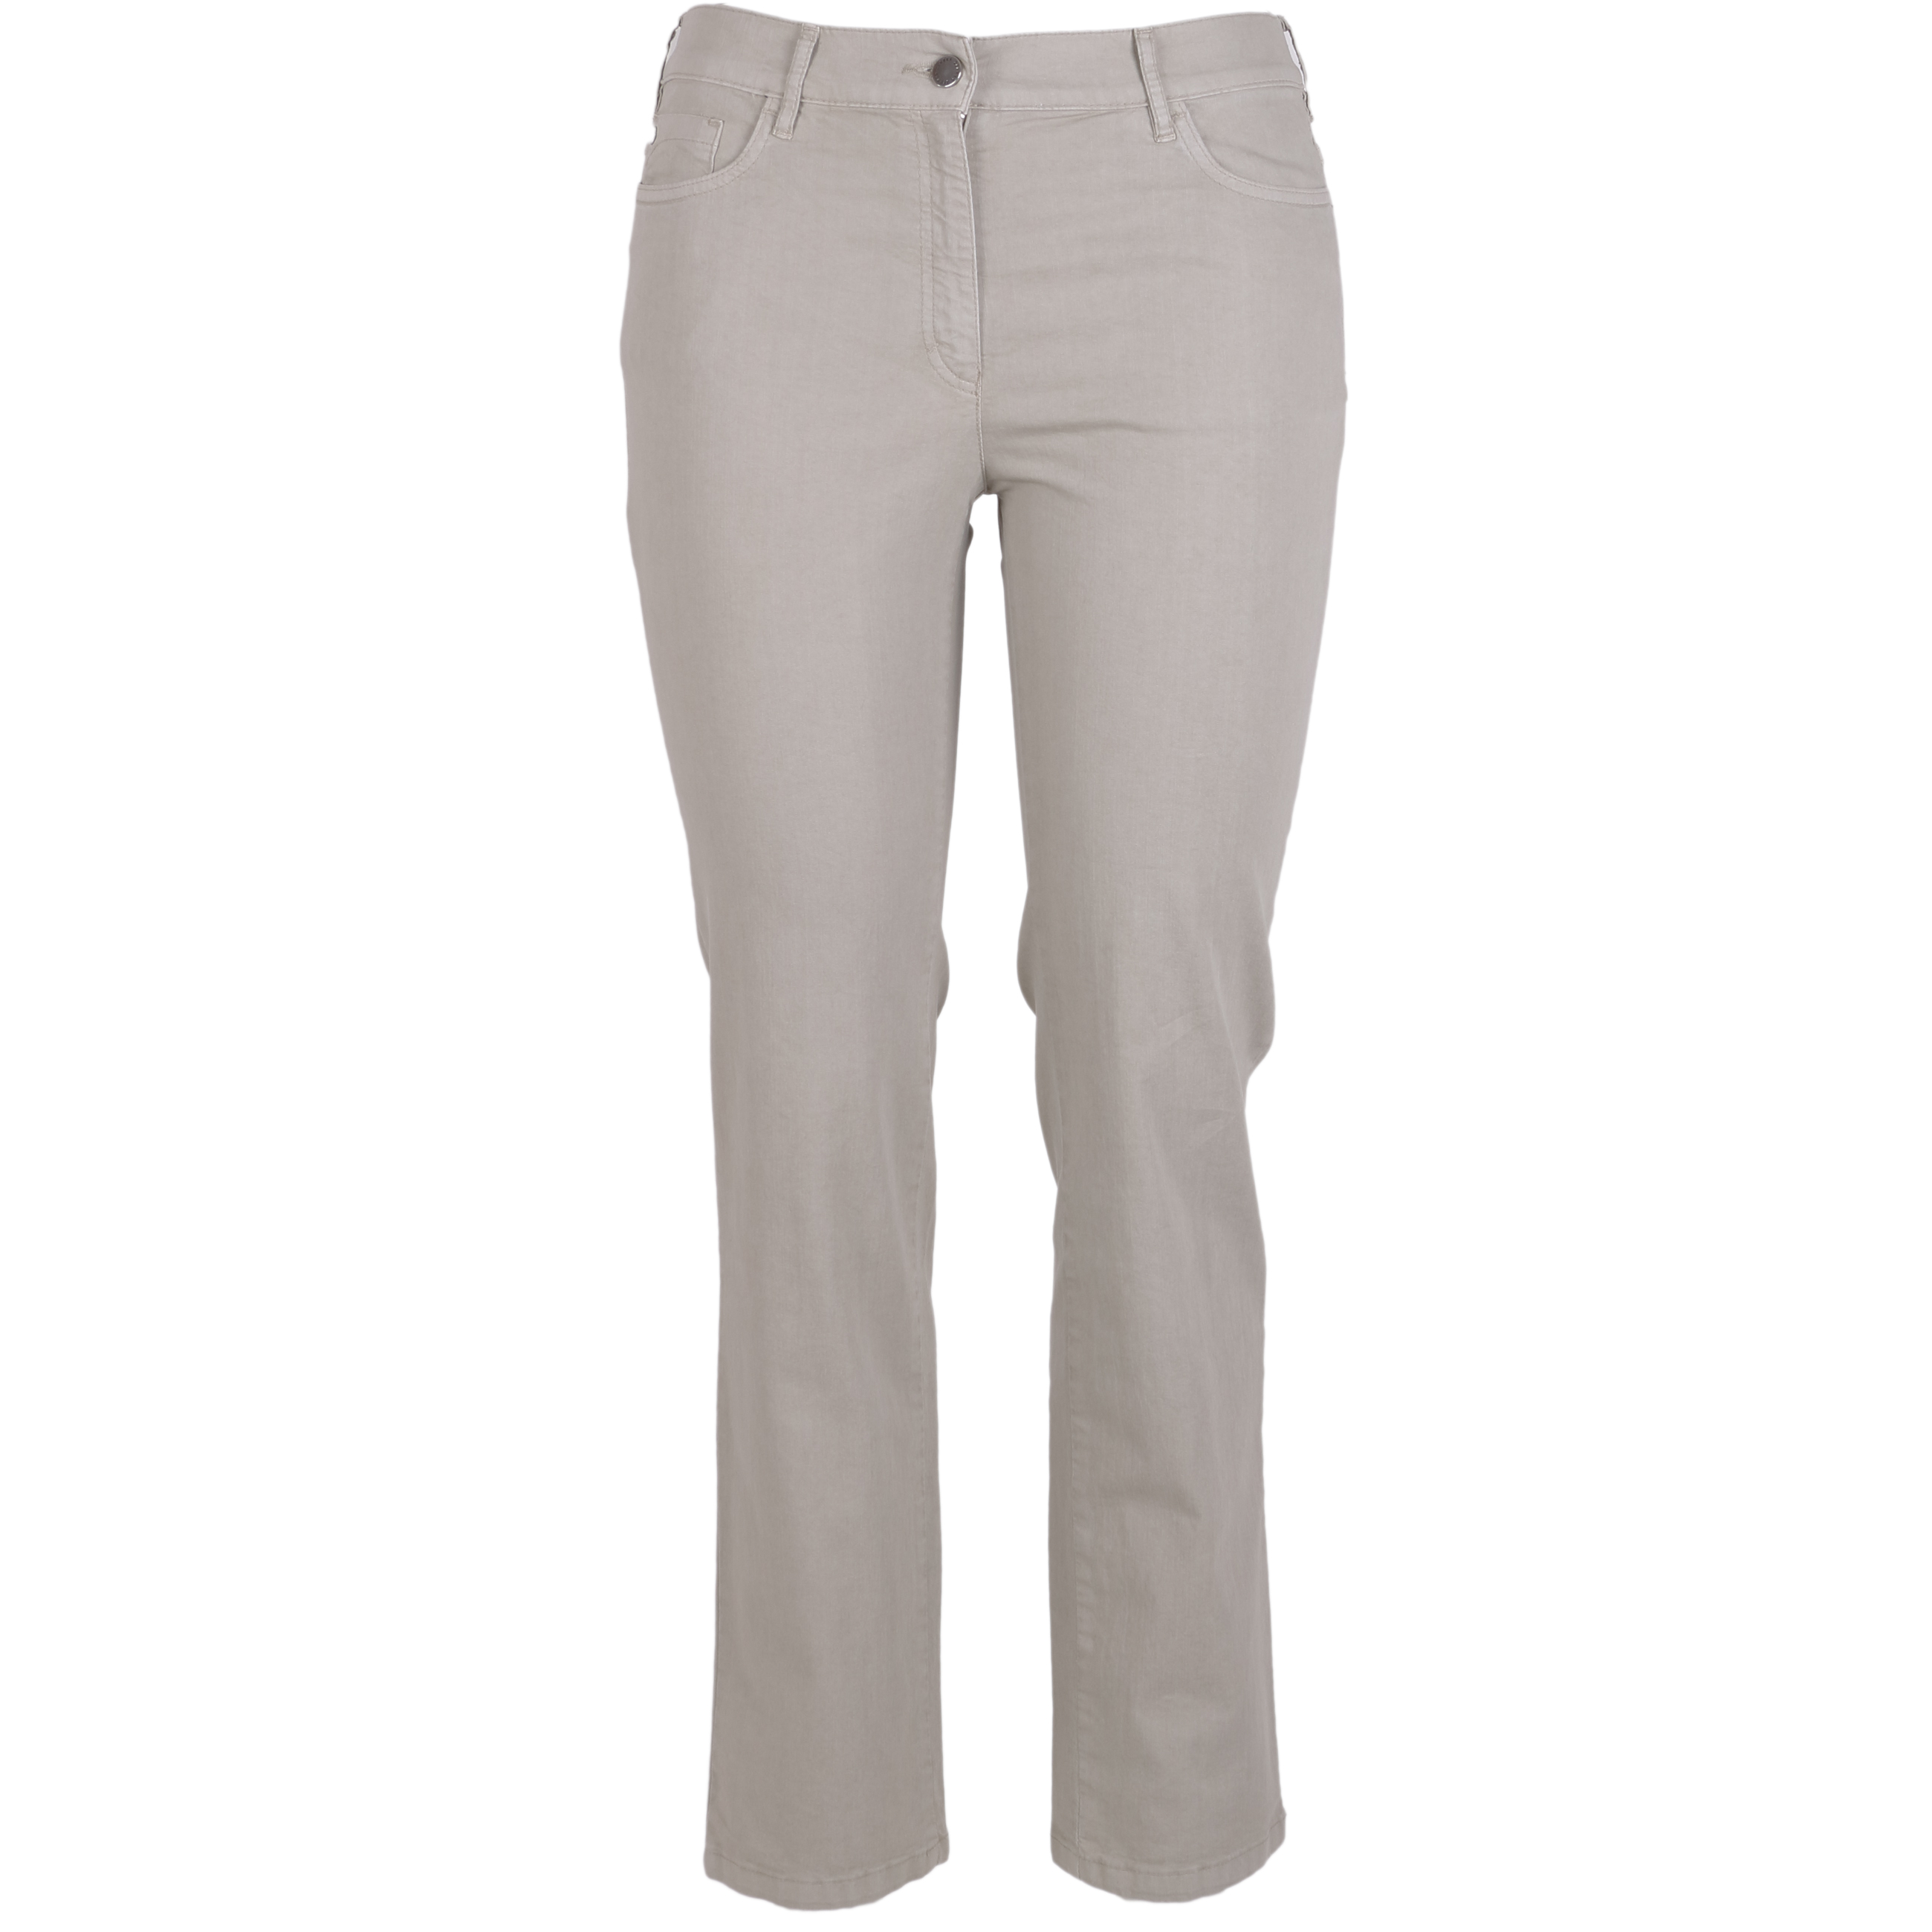 Zerres Damen Jeans Greta sommerliche Qualität - khaki